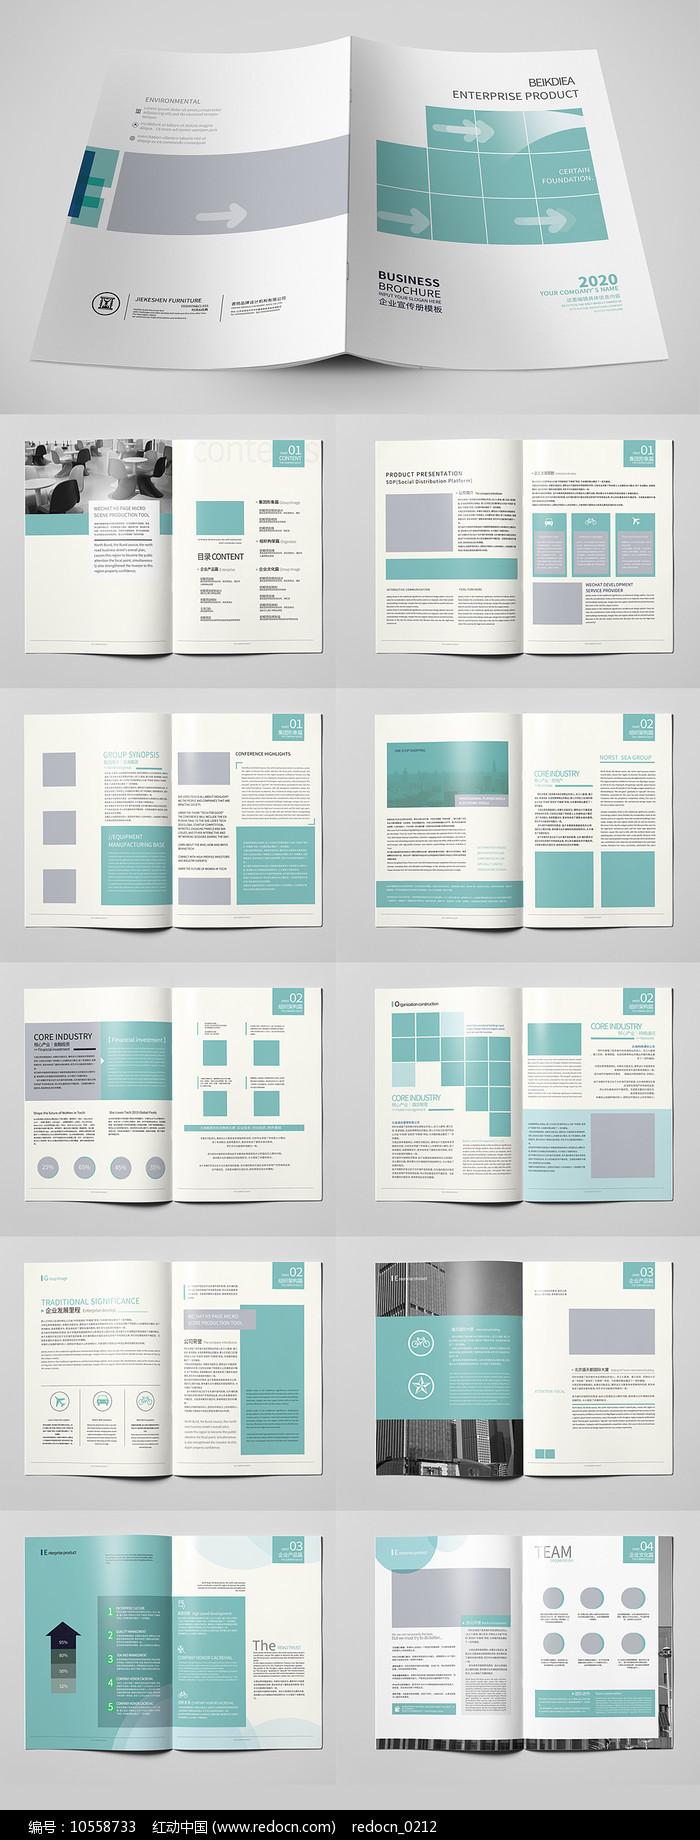 企业科技商务公司宣传册画册图片